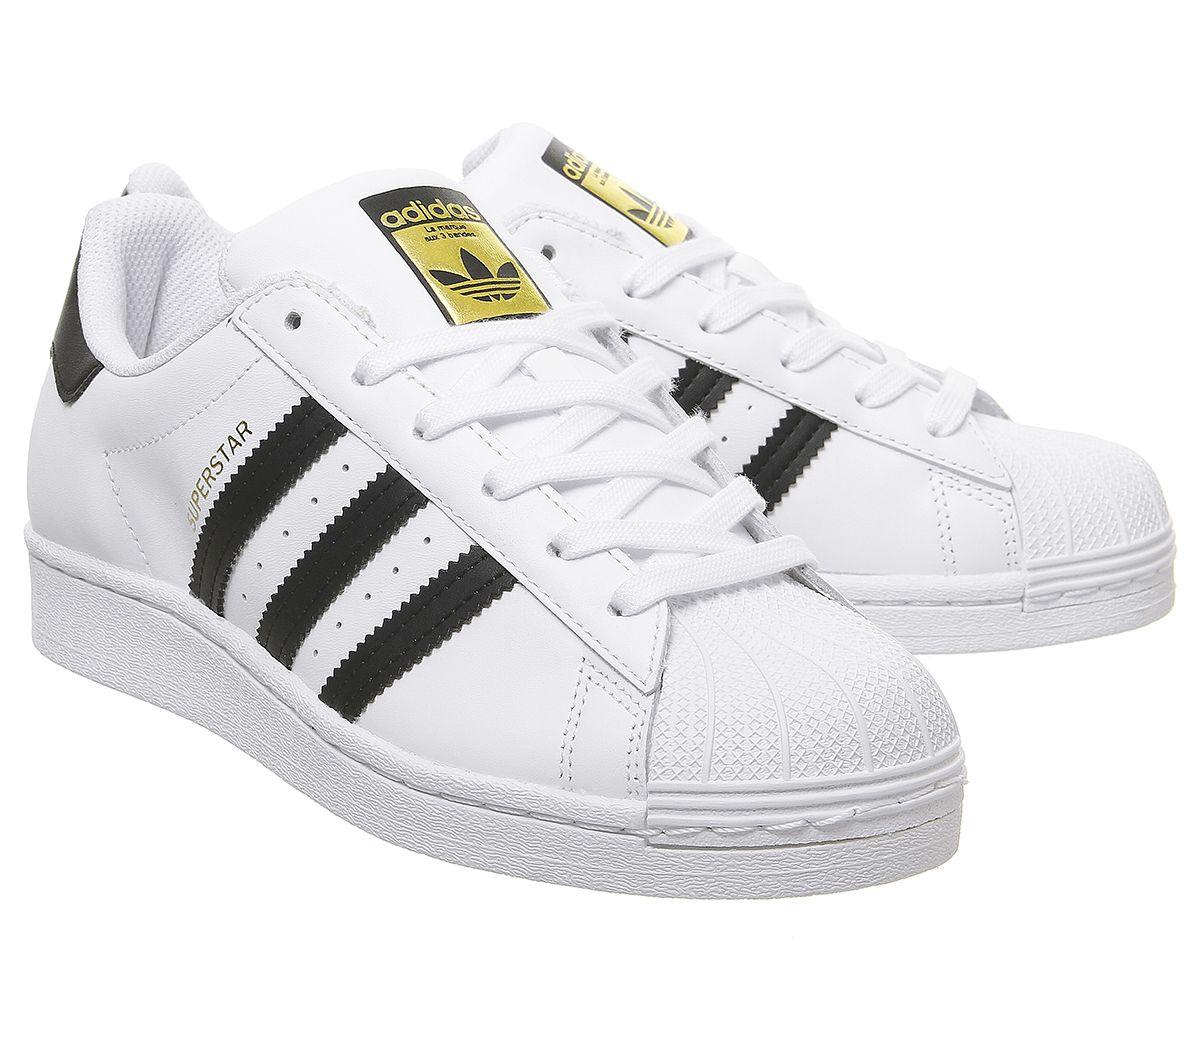 Da-Donna-Adidas-Superstar-GS-Scarpe-Da-Ginnastica-Bianco-Nero-Scarpe-Da-Ginnastica-Bianco miniatura 7